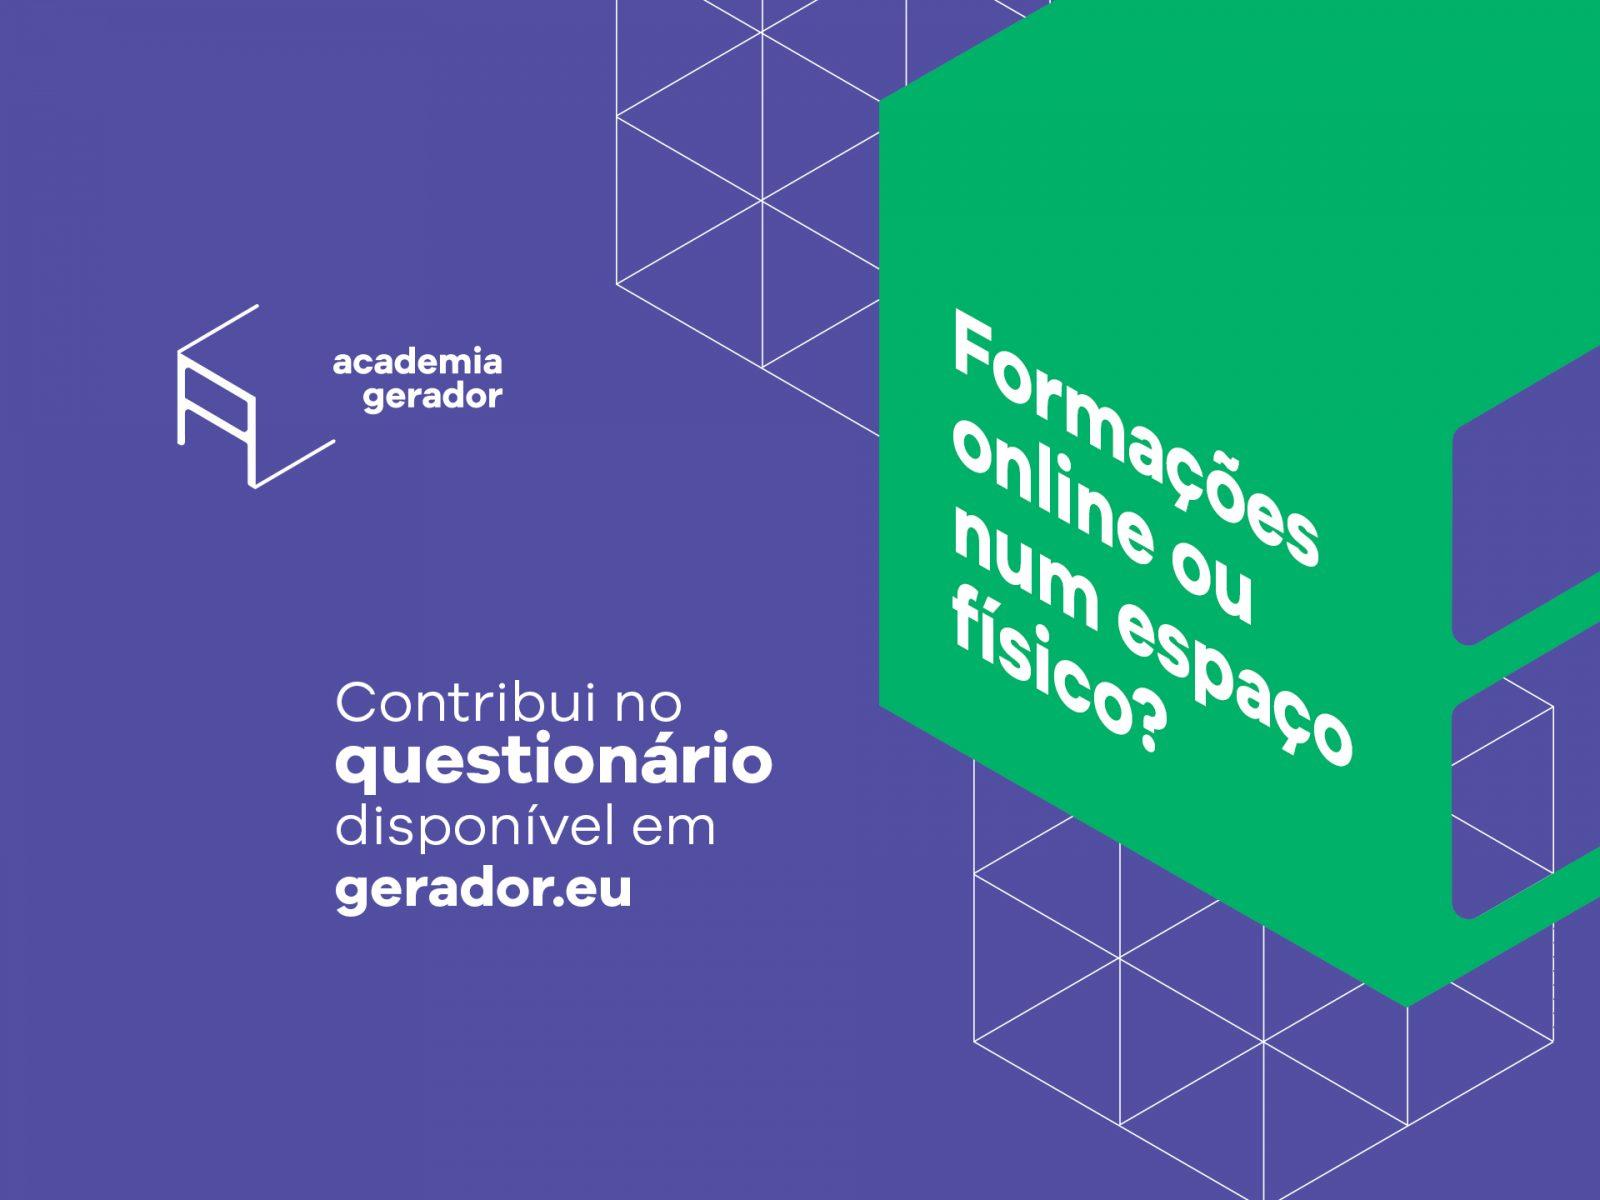 questionário_academia_gerador